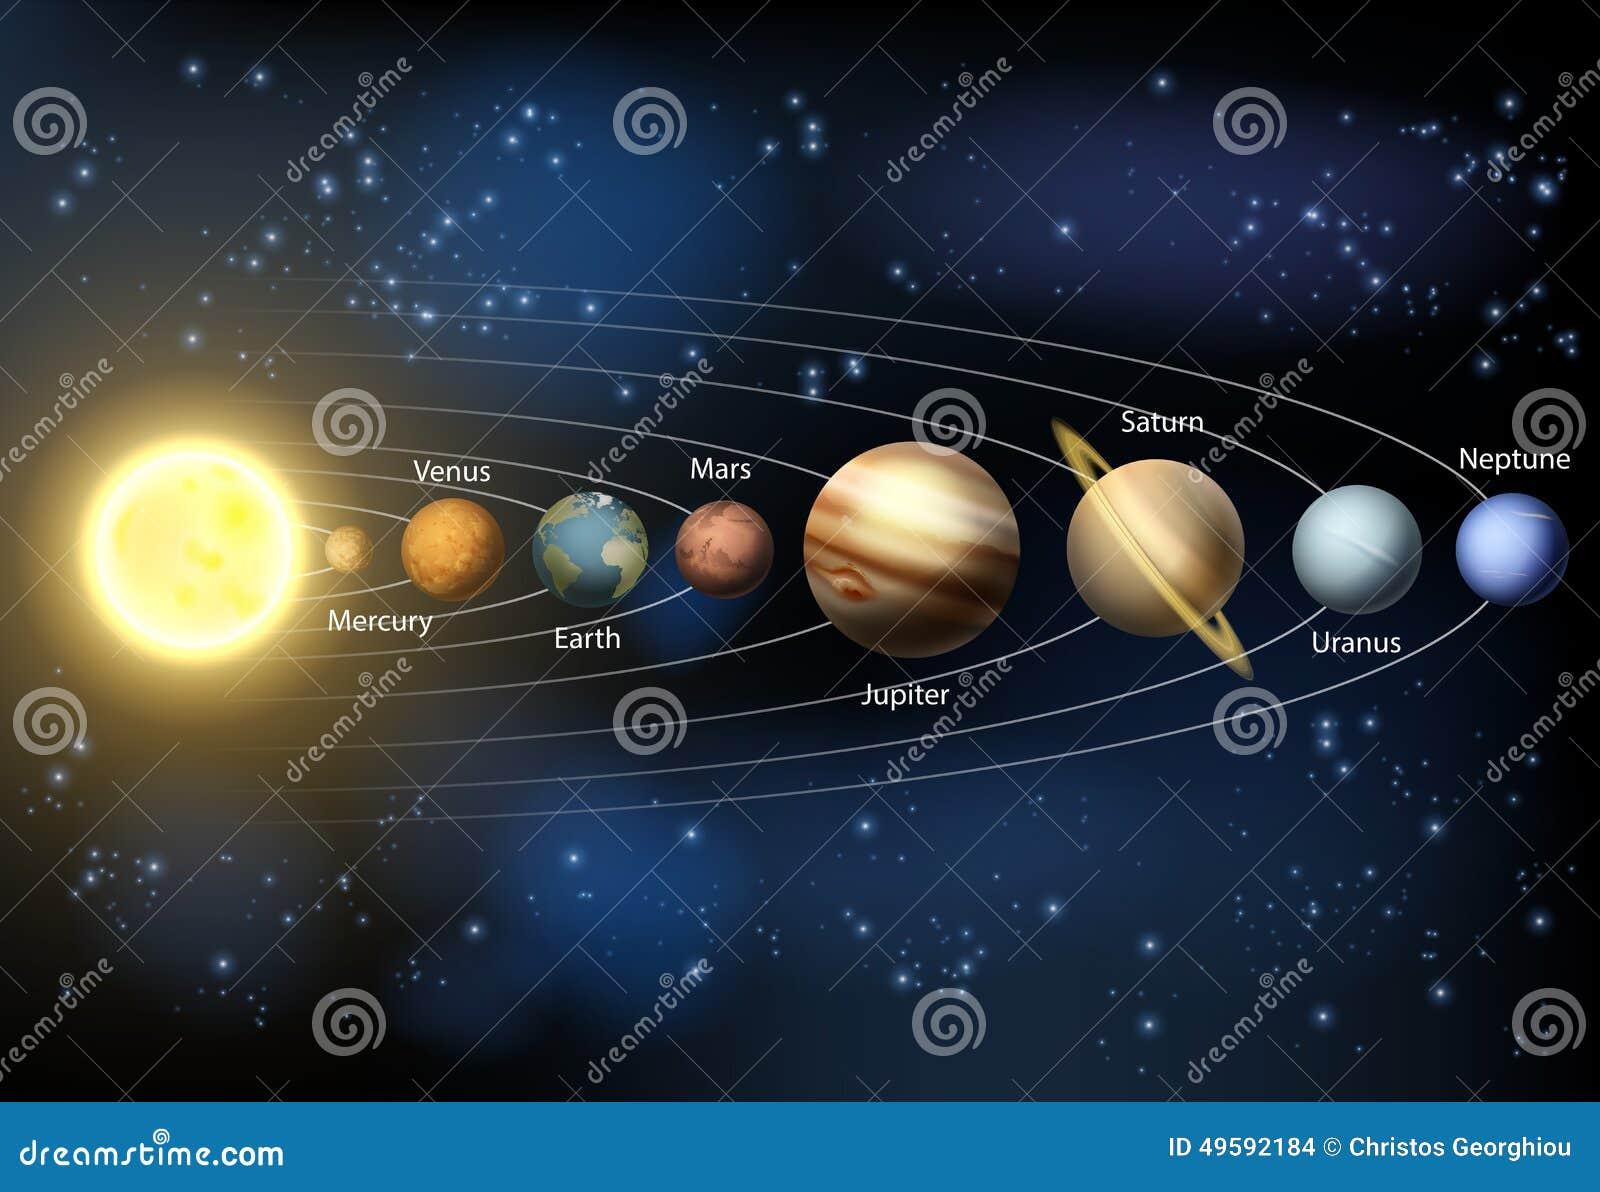 Het diagram van zonnestelselplaneten